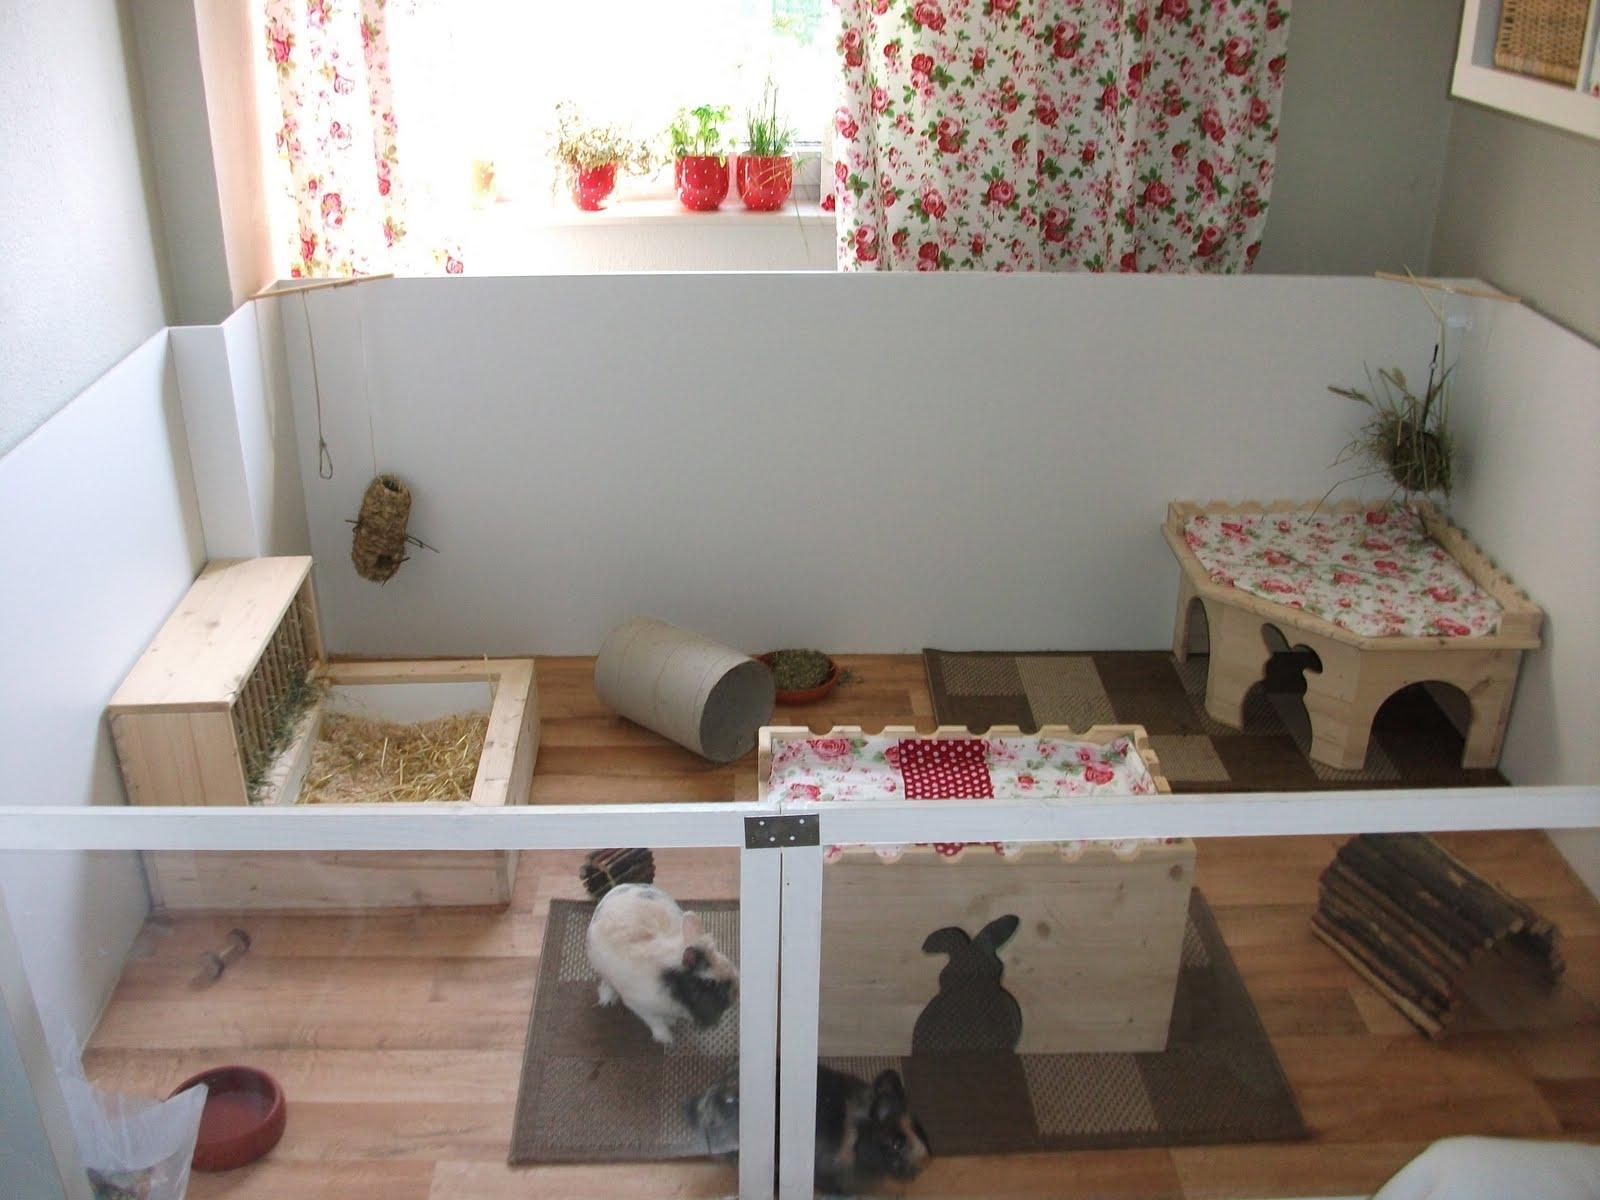 svenjas bastelecke kaninchen traumzuhause. Black Bedroom Furniture Sets. Home Design Ideas